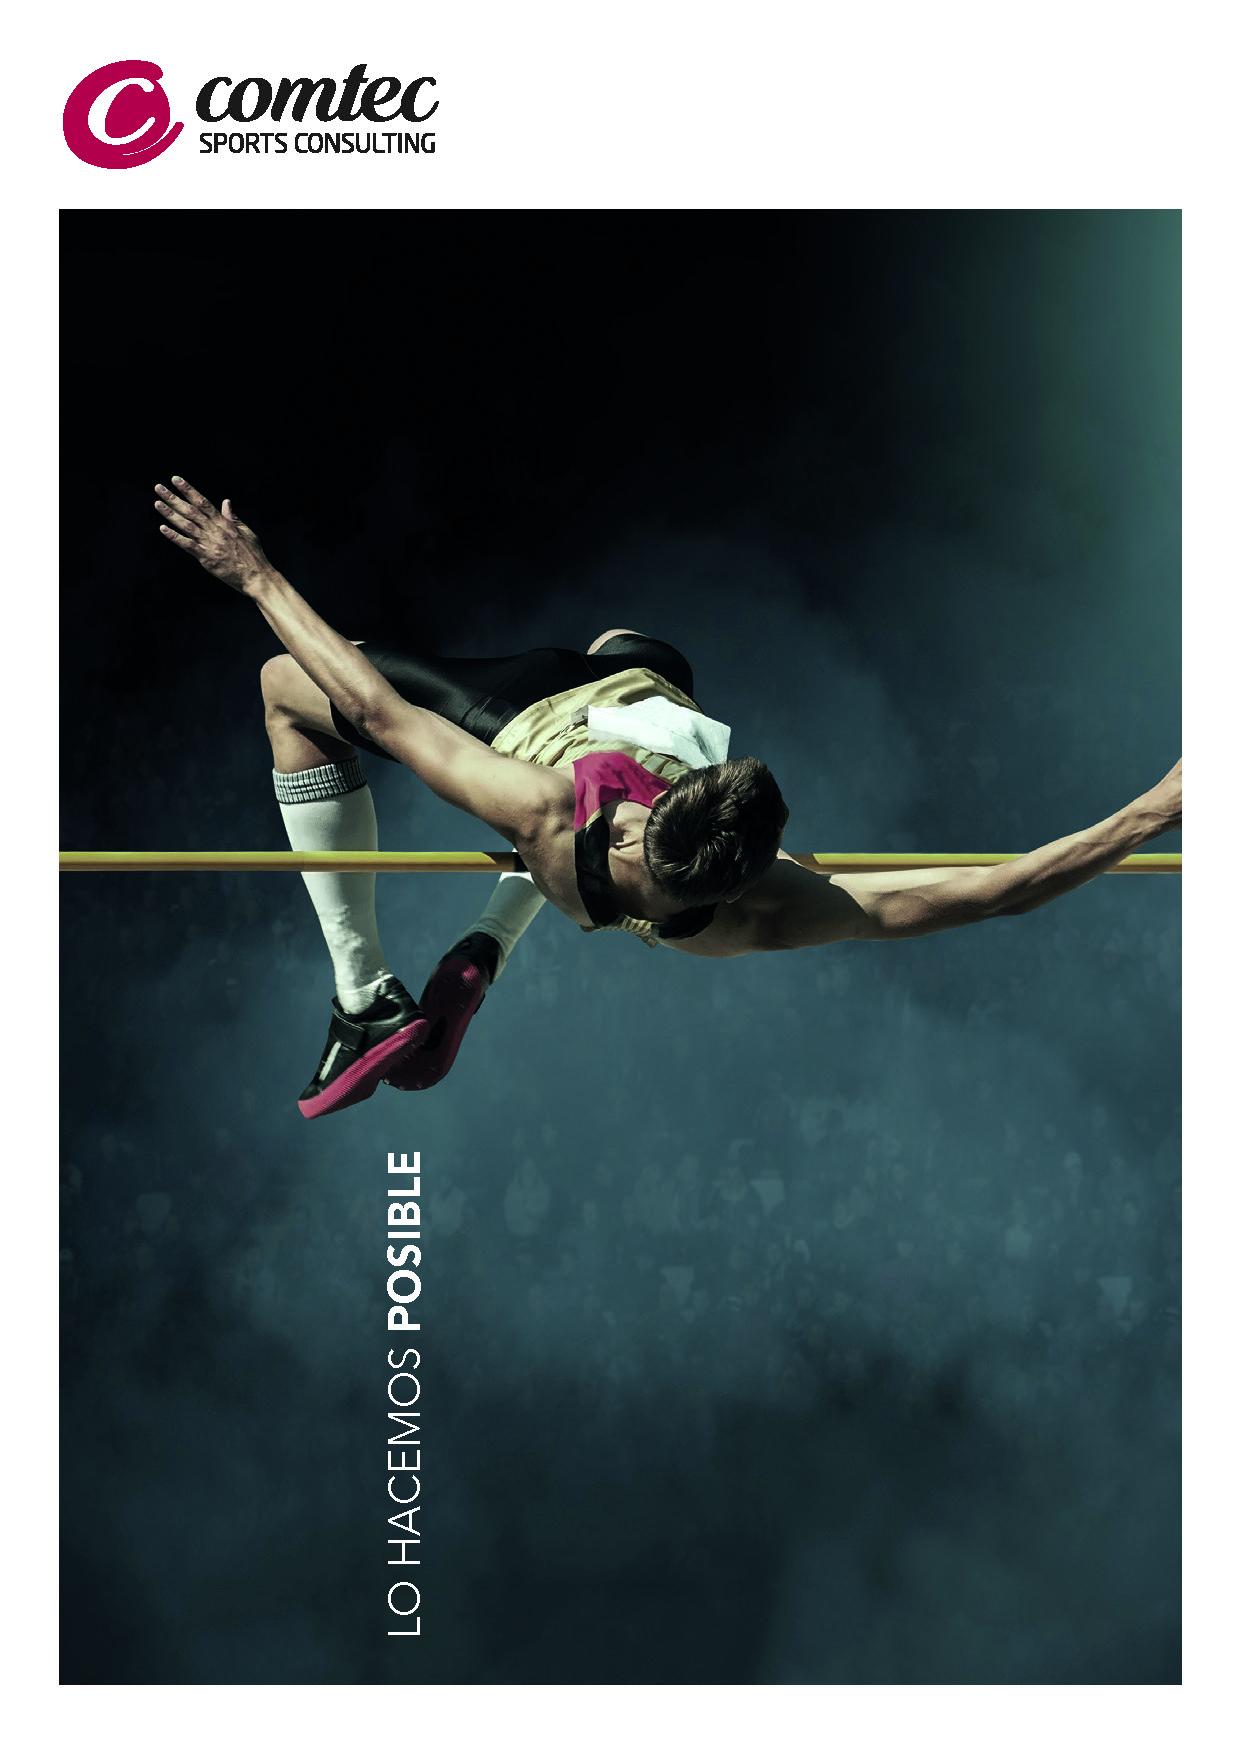 Catálogo Comtec Sports Consulting